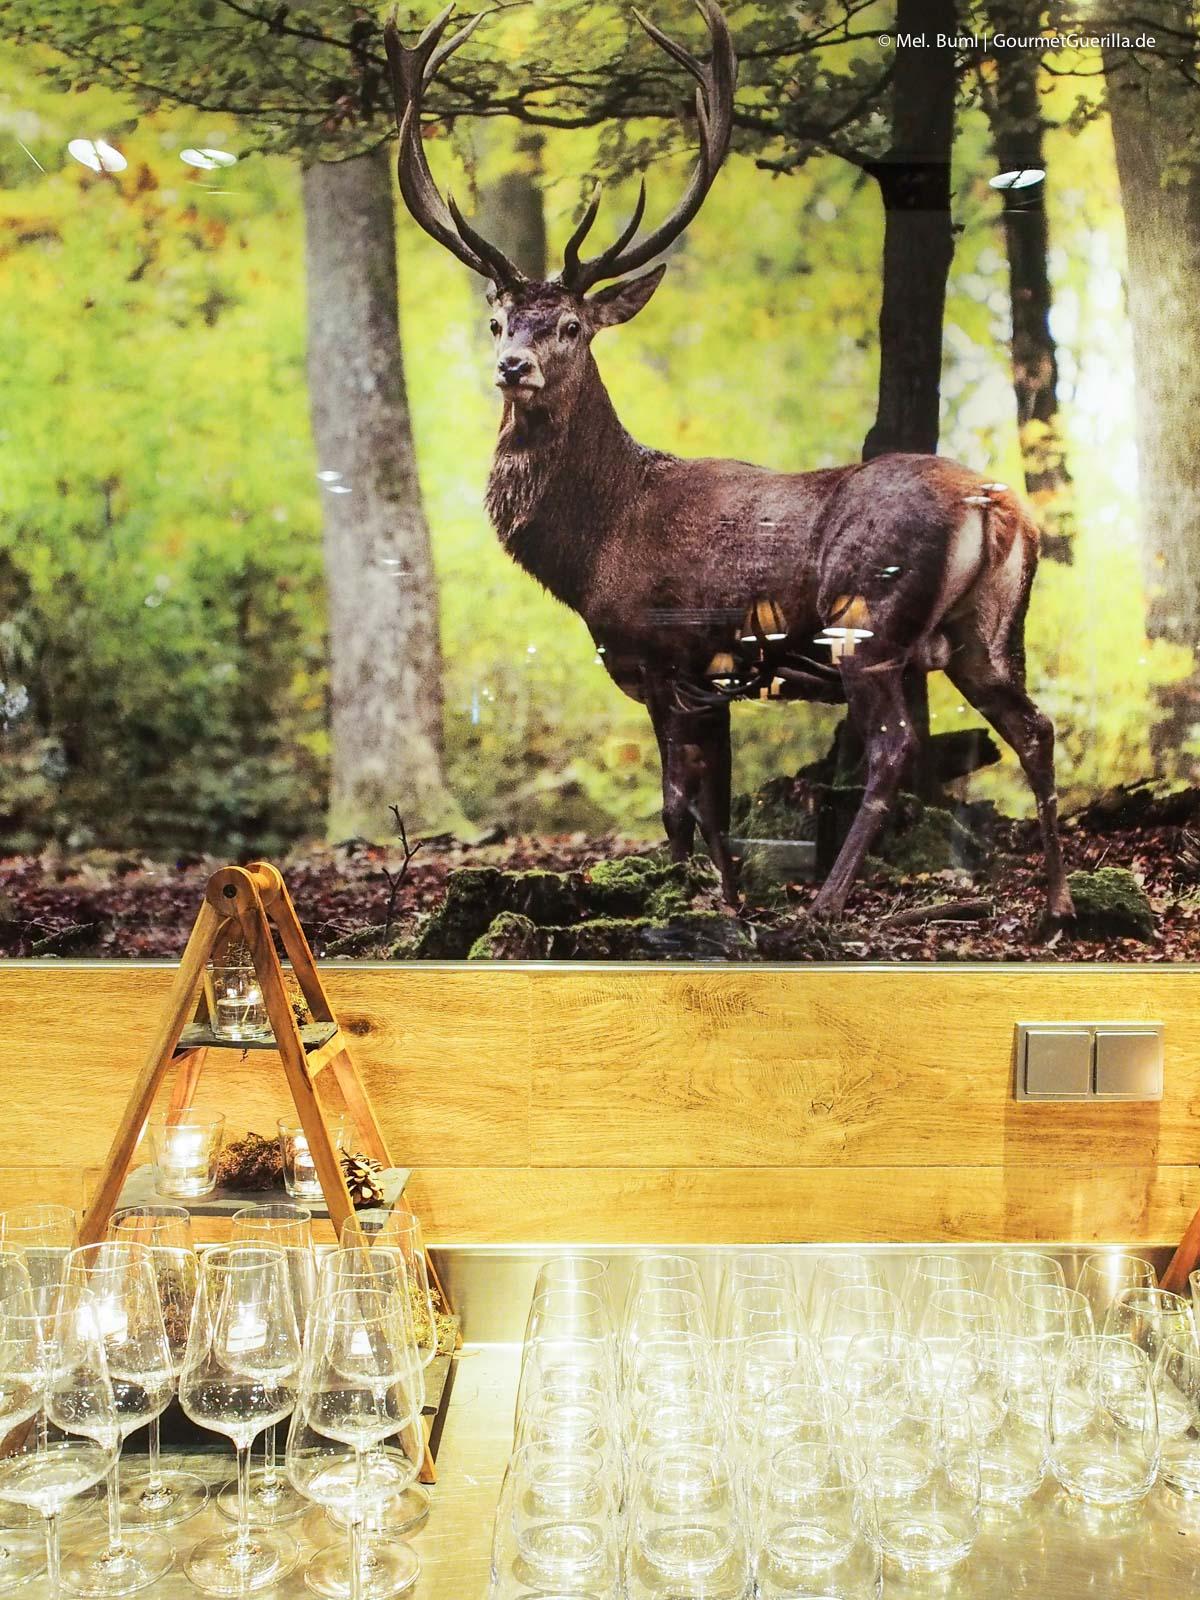 Kuechenparty Irish Beef Hotel Vier Jahreszeiten Christoph Rueffer Haerlin |GourmetGuerilla.de